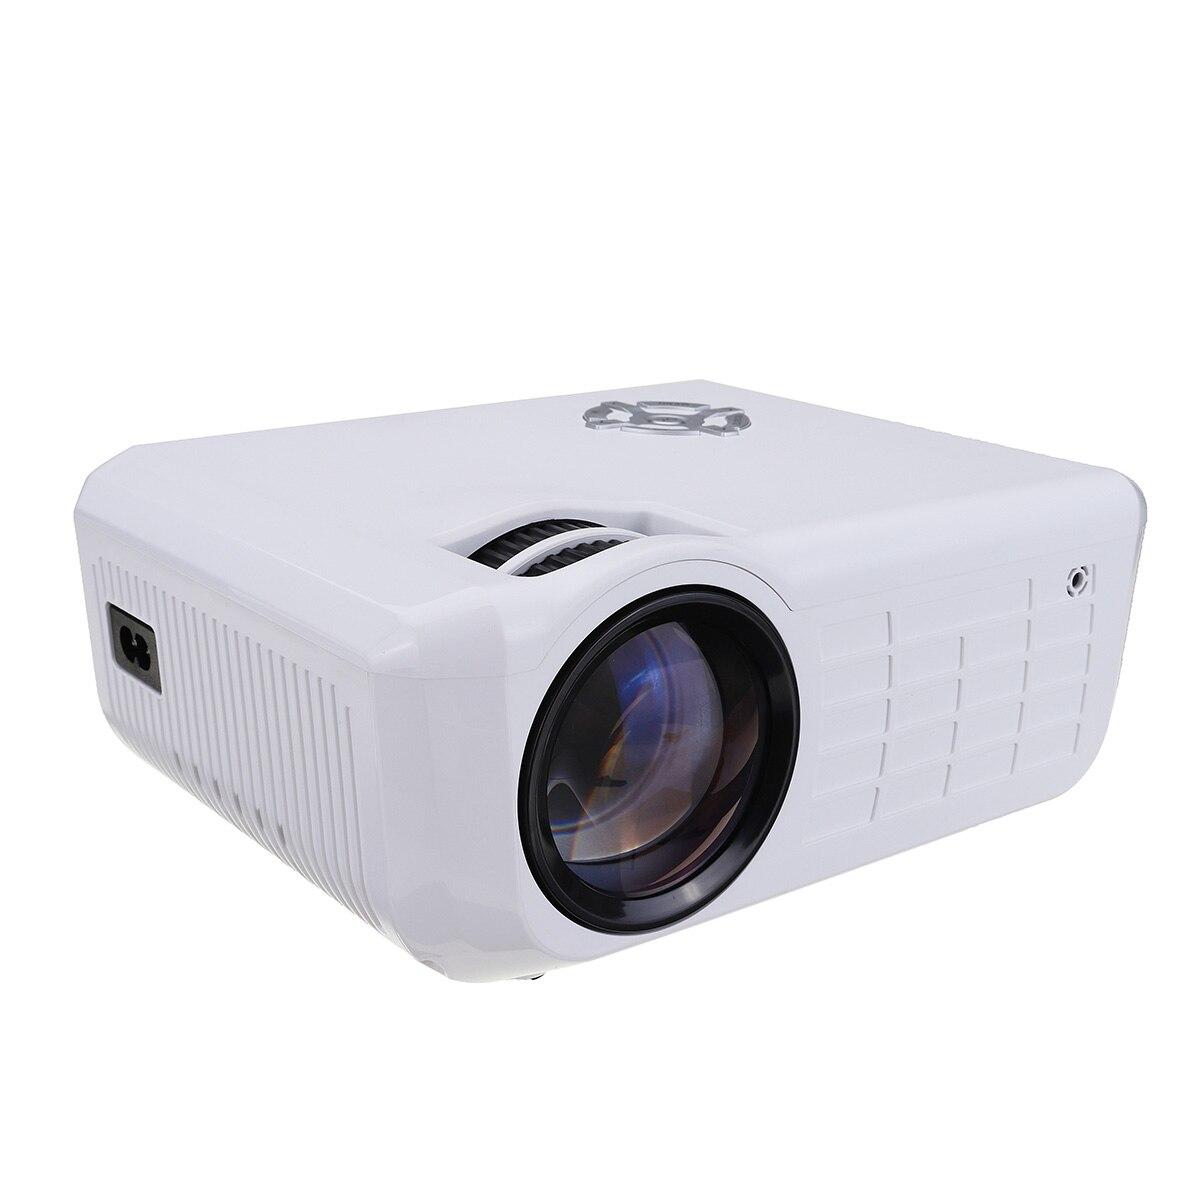 LEORY M28 LCD 2000LM projecteur résolution Native 800x480 avec Interface TV numérique prise en charge HDMI USB VGA AV